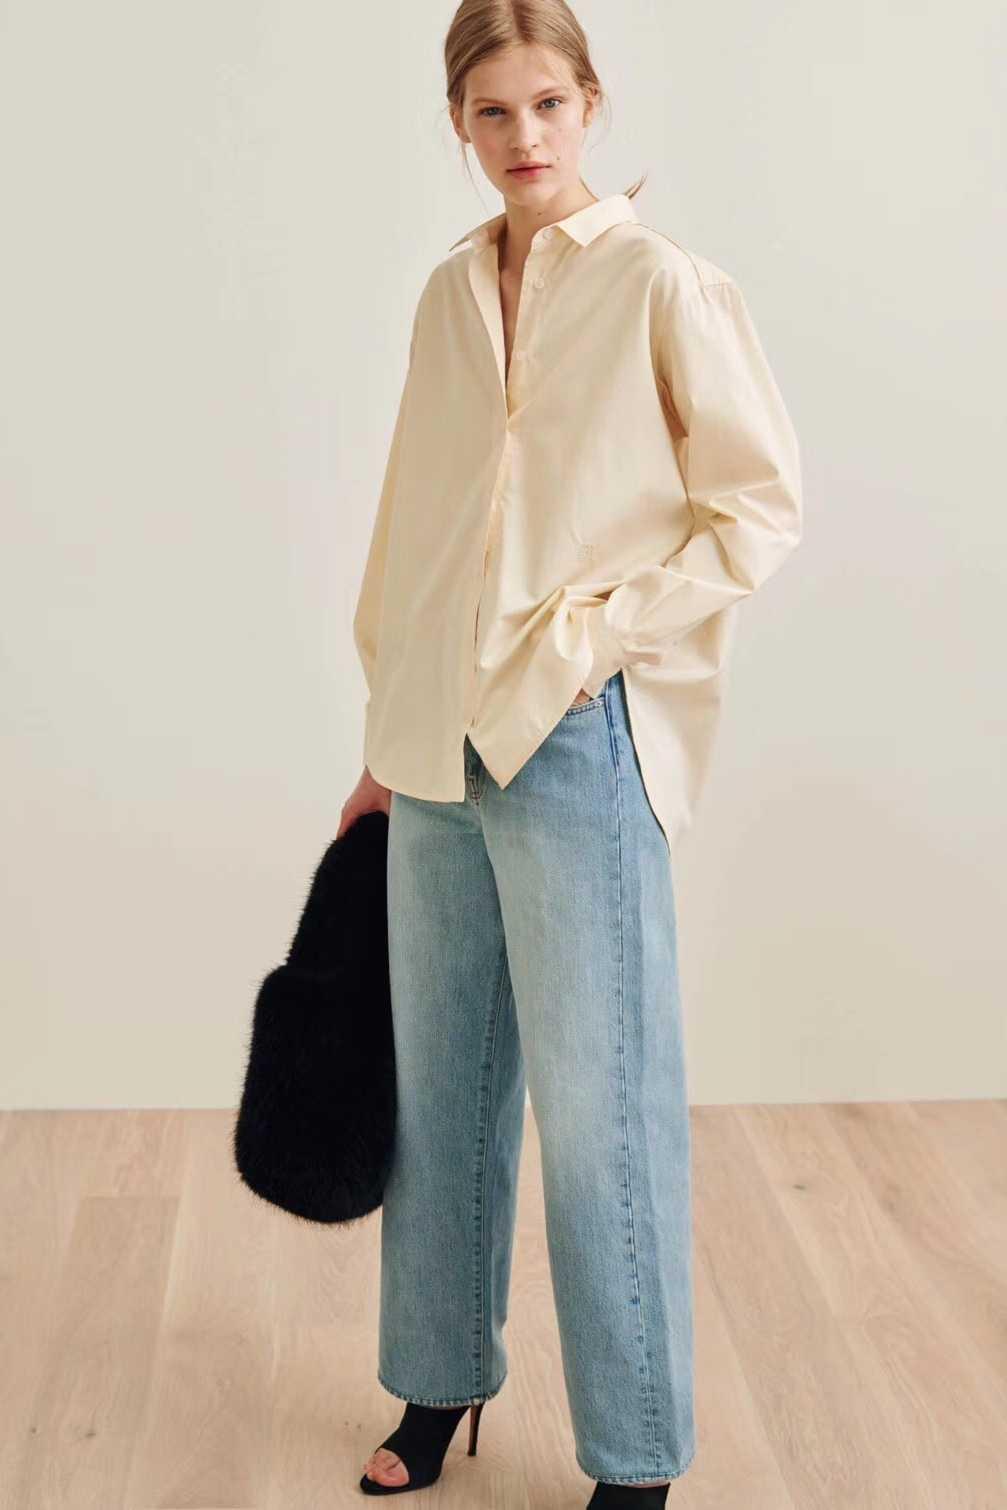 Лето 2019 г. гусь желтый солнцезащитный Лонгслив тонкий confort минималистский Прохладный классический скандинавском стиле силуэт блузка